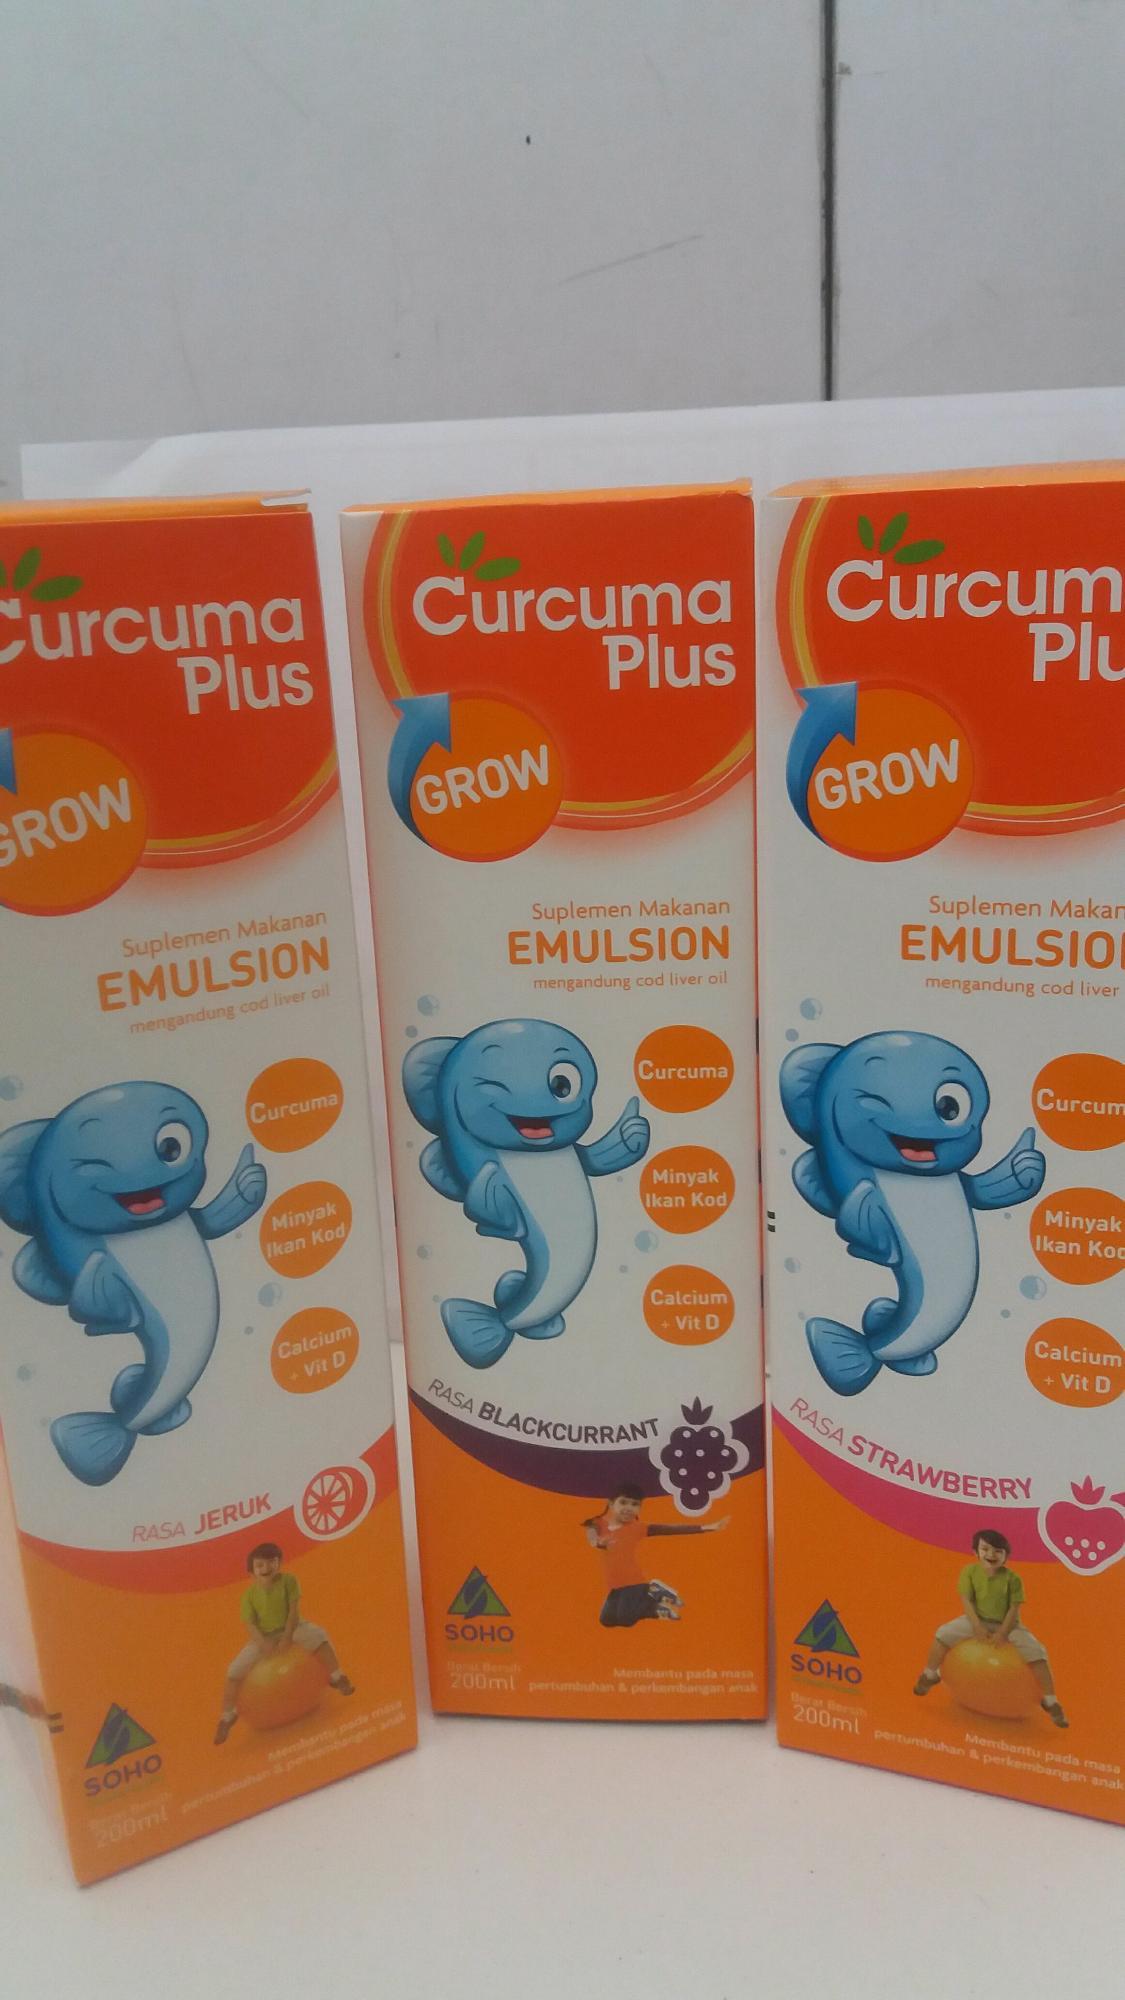 Jual Susu Curcuma Plus Murah Garansi Dan Berkualitas Id Store Sharpy 60 Ml Rp 25000